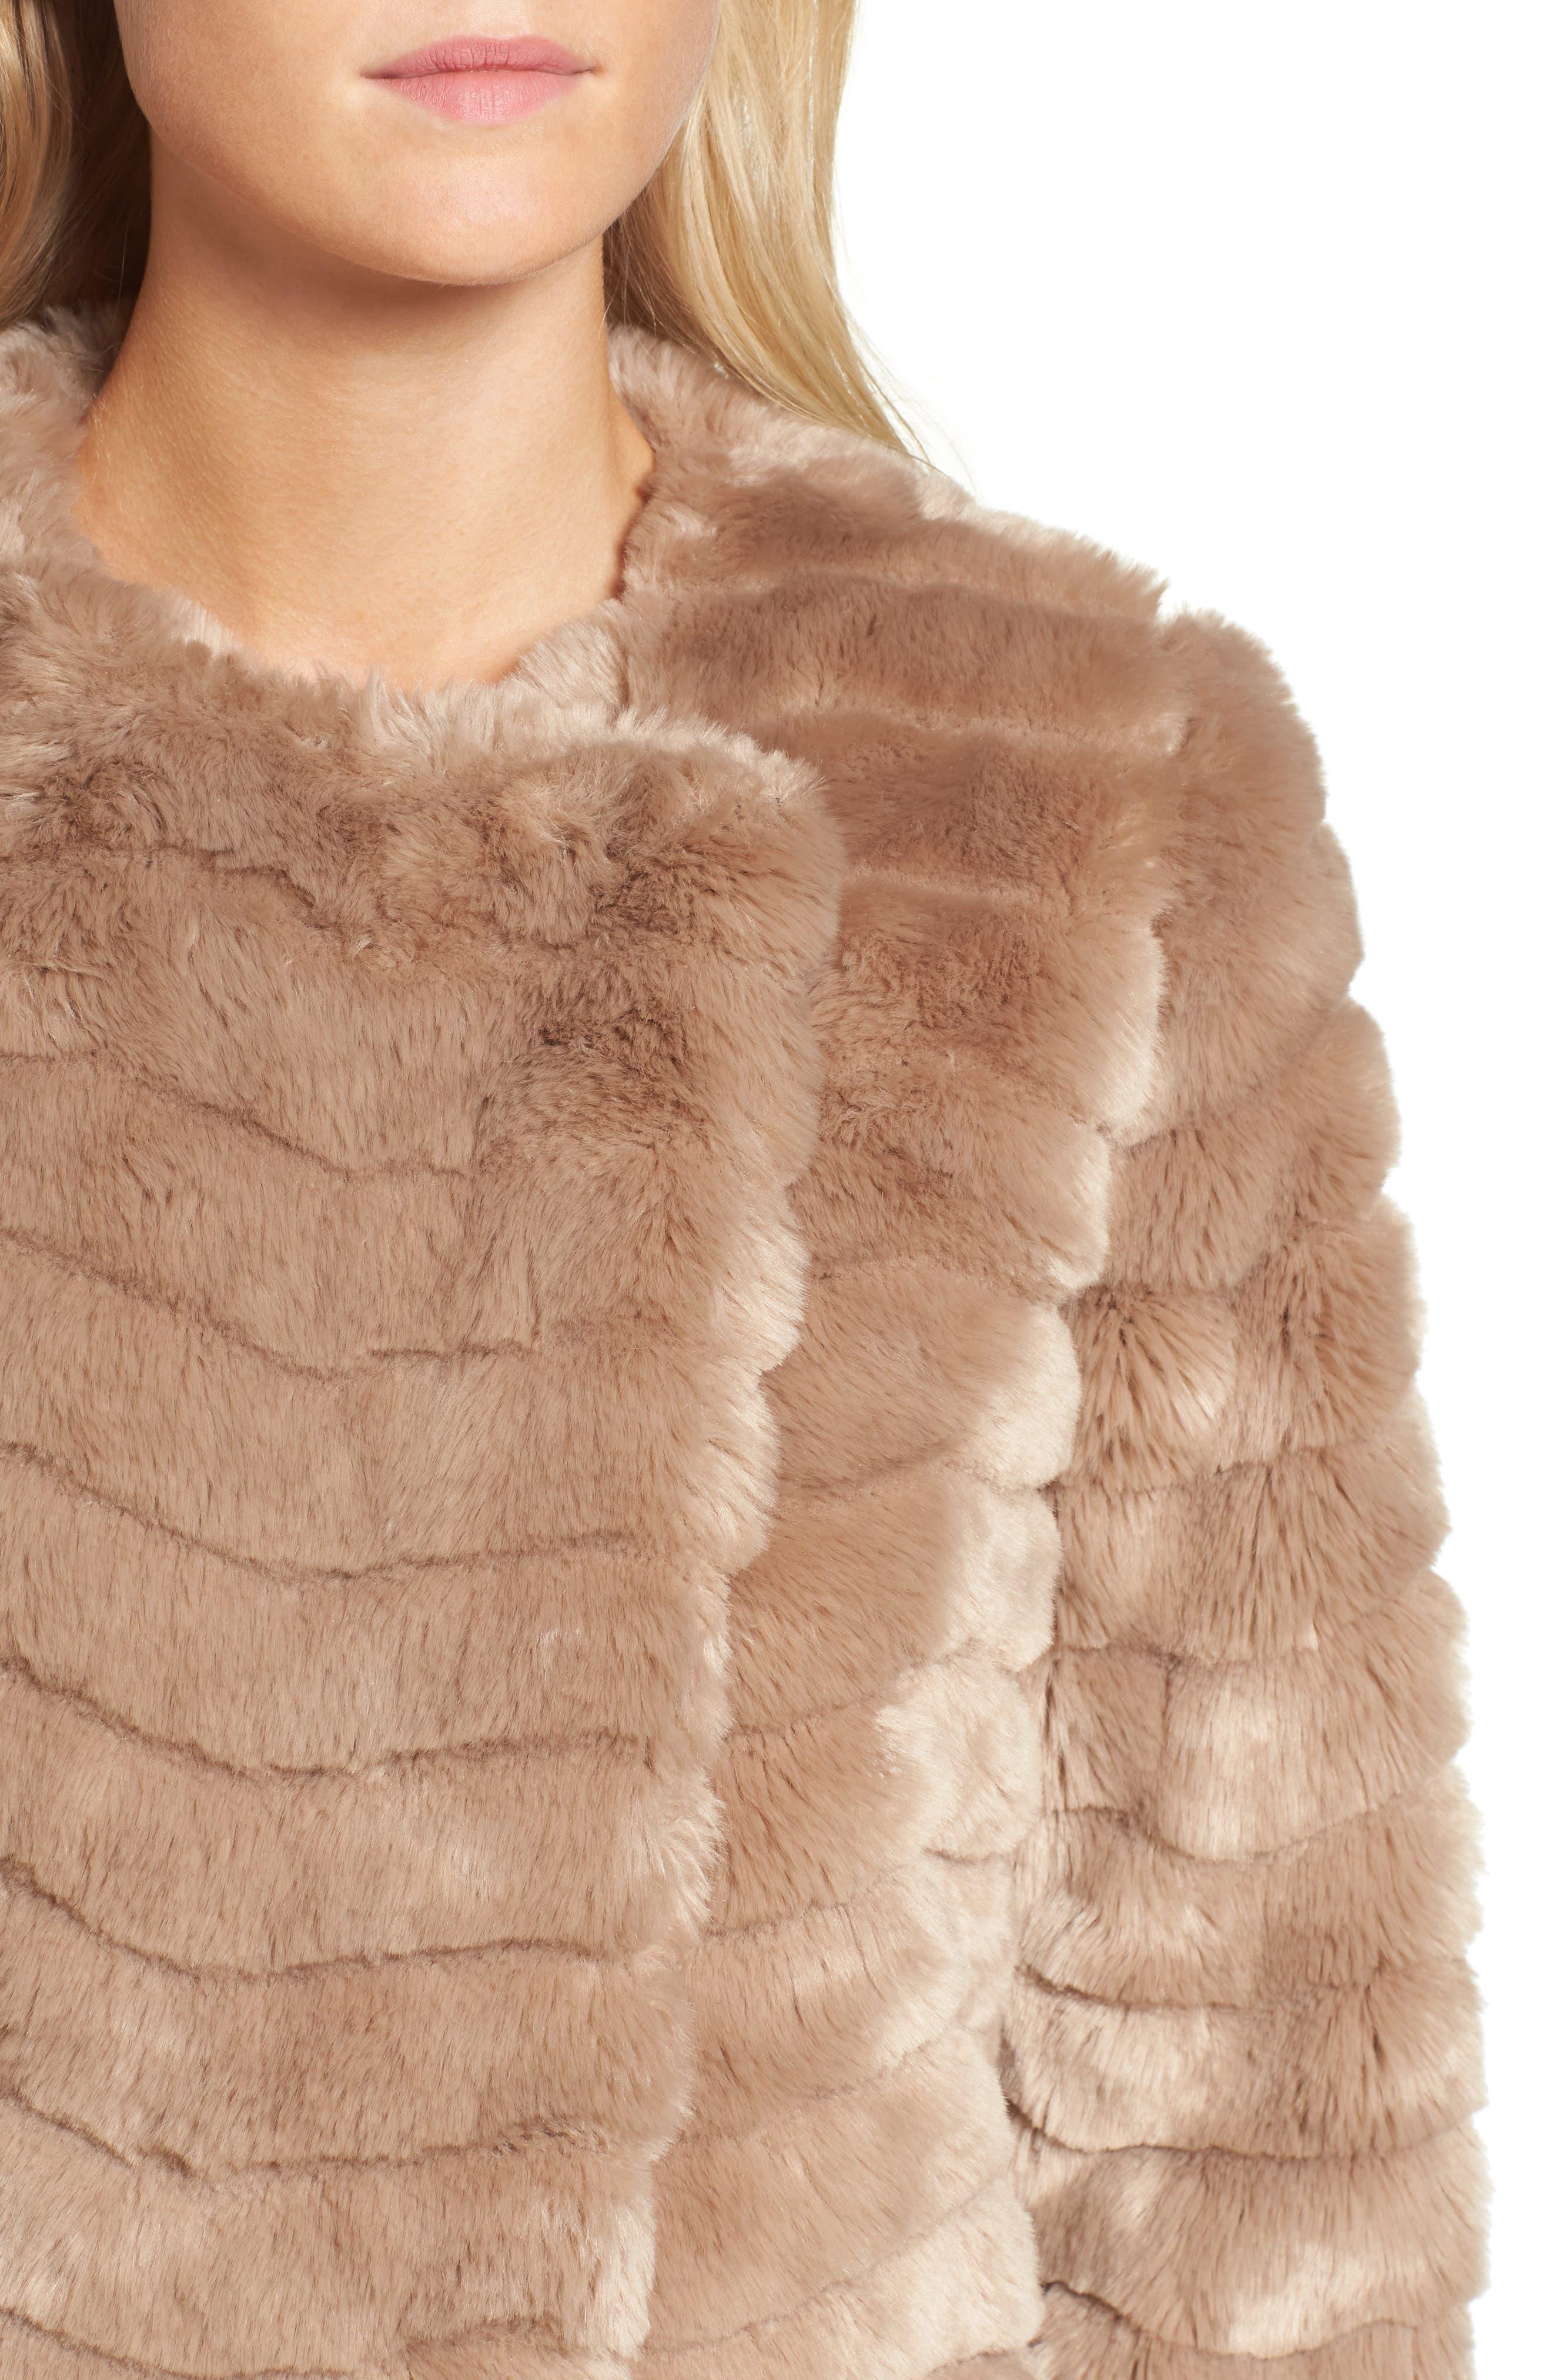 McCoy Faux Fur Coat,                             Alternate thumbnail 4, color,                             Camel